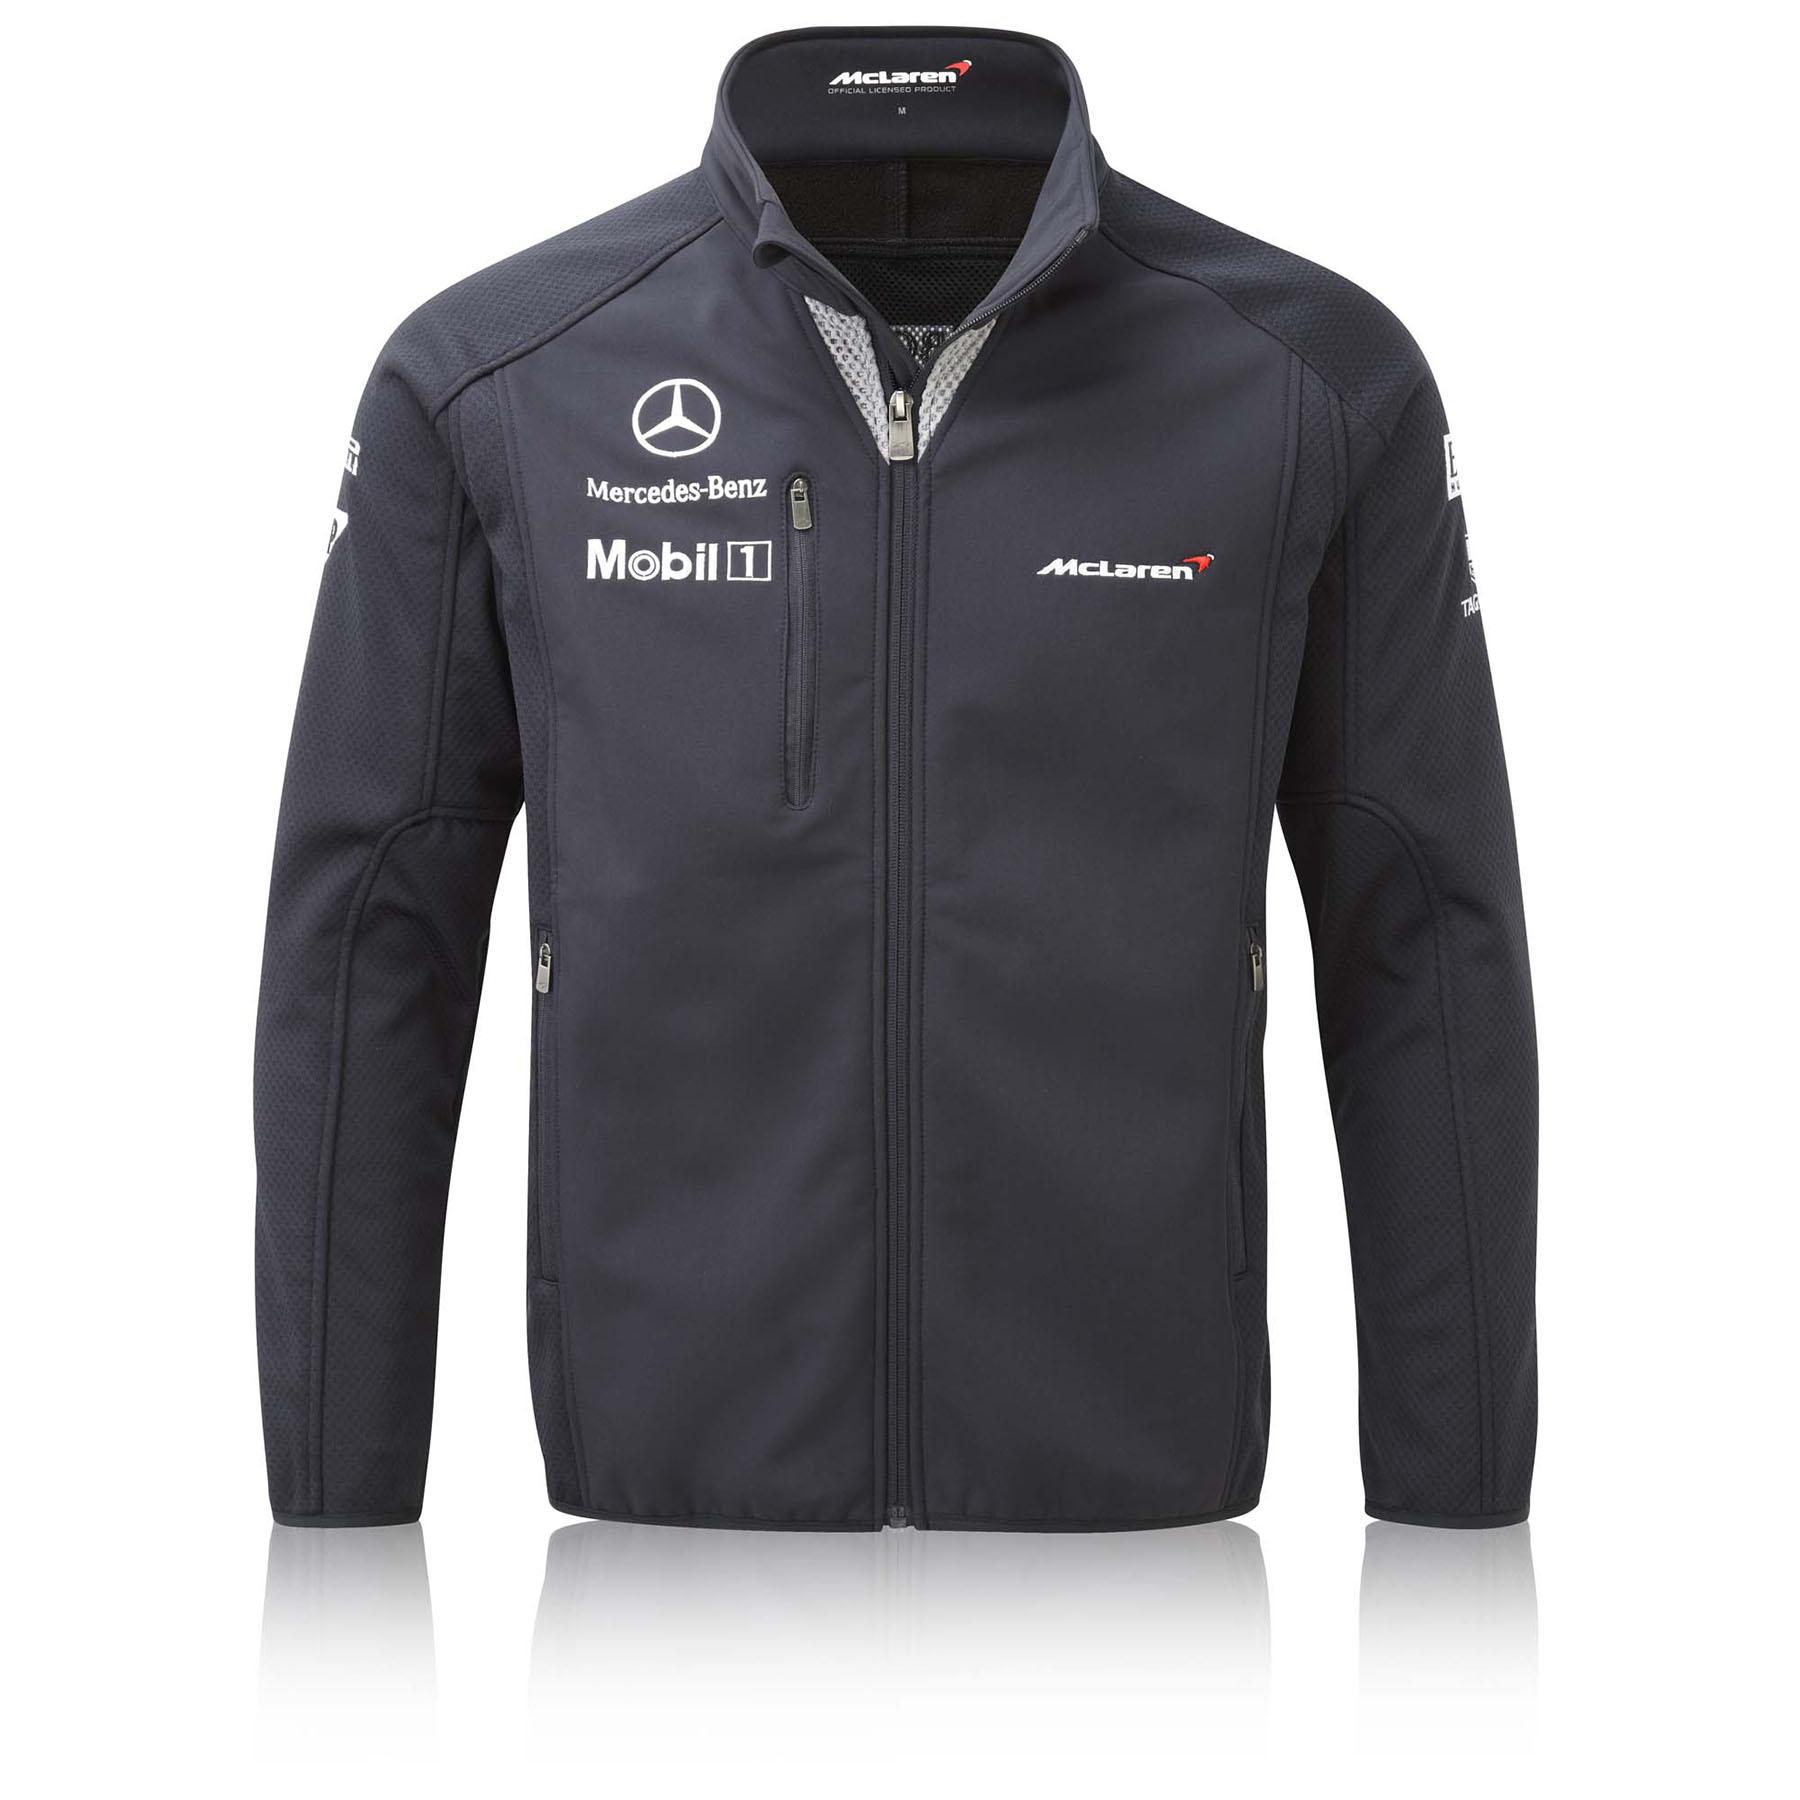 McLaren Mercedes 2014 Team Softshell Jacket